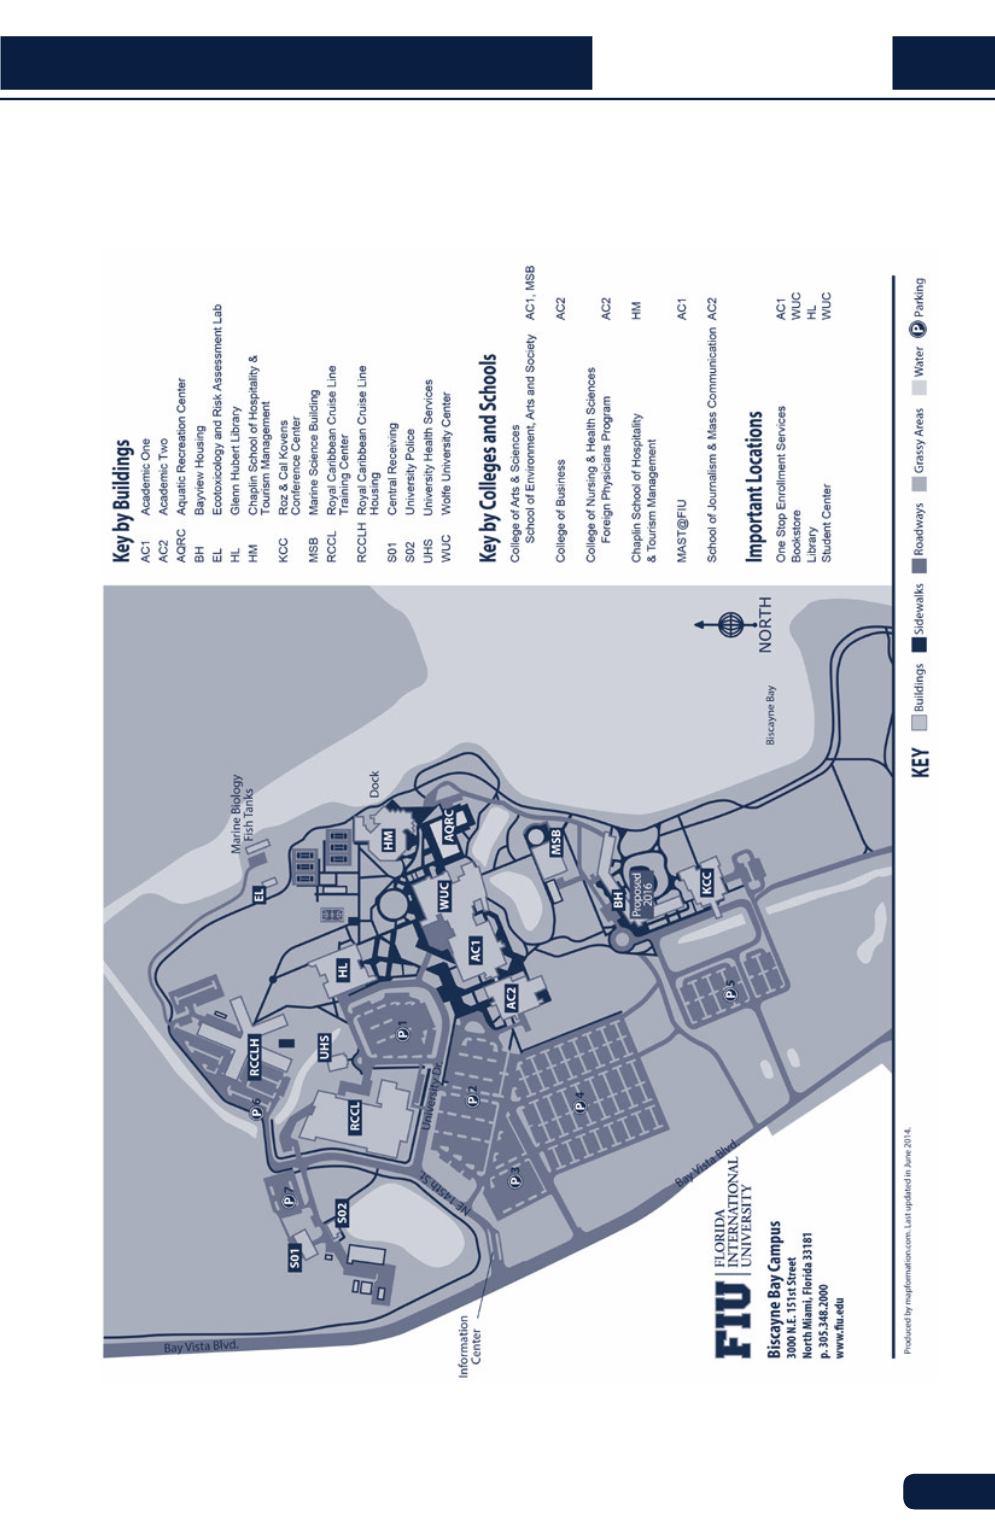 Biscayne Bay Campus Map.Flu Student Handbook 2016 2017